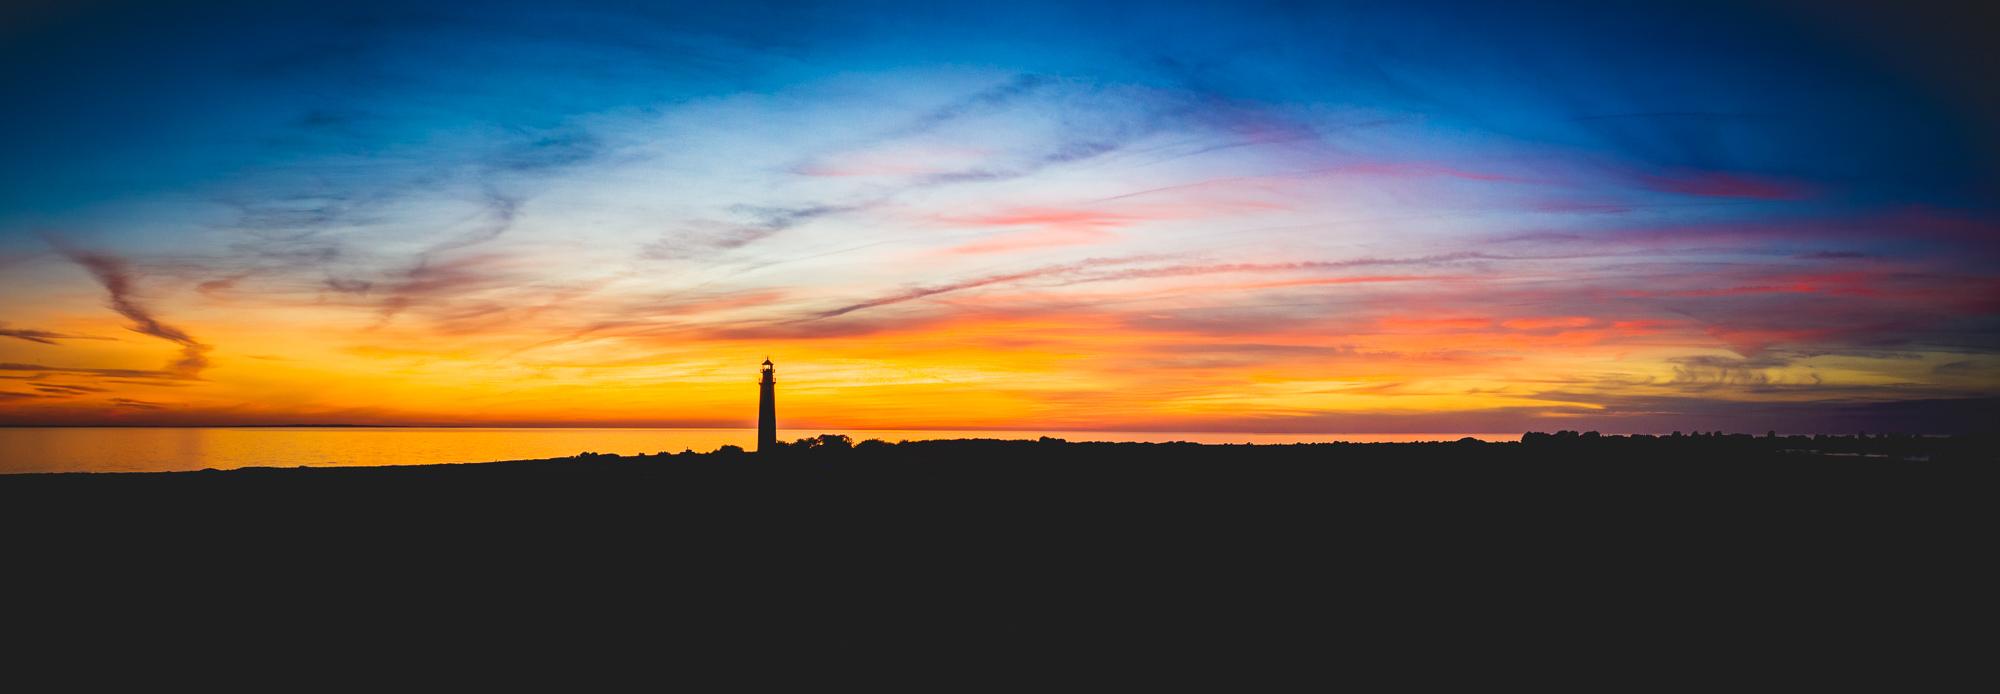 Sonnenuntergang Flügge Leuchtturm